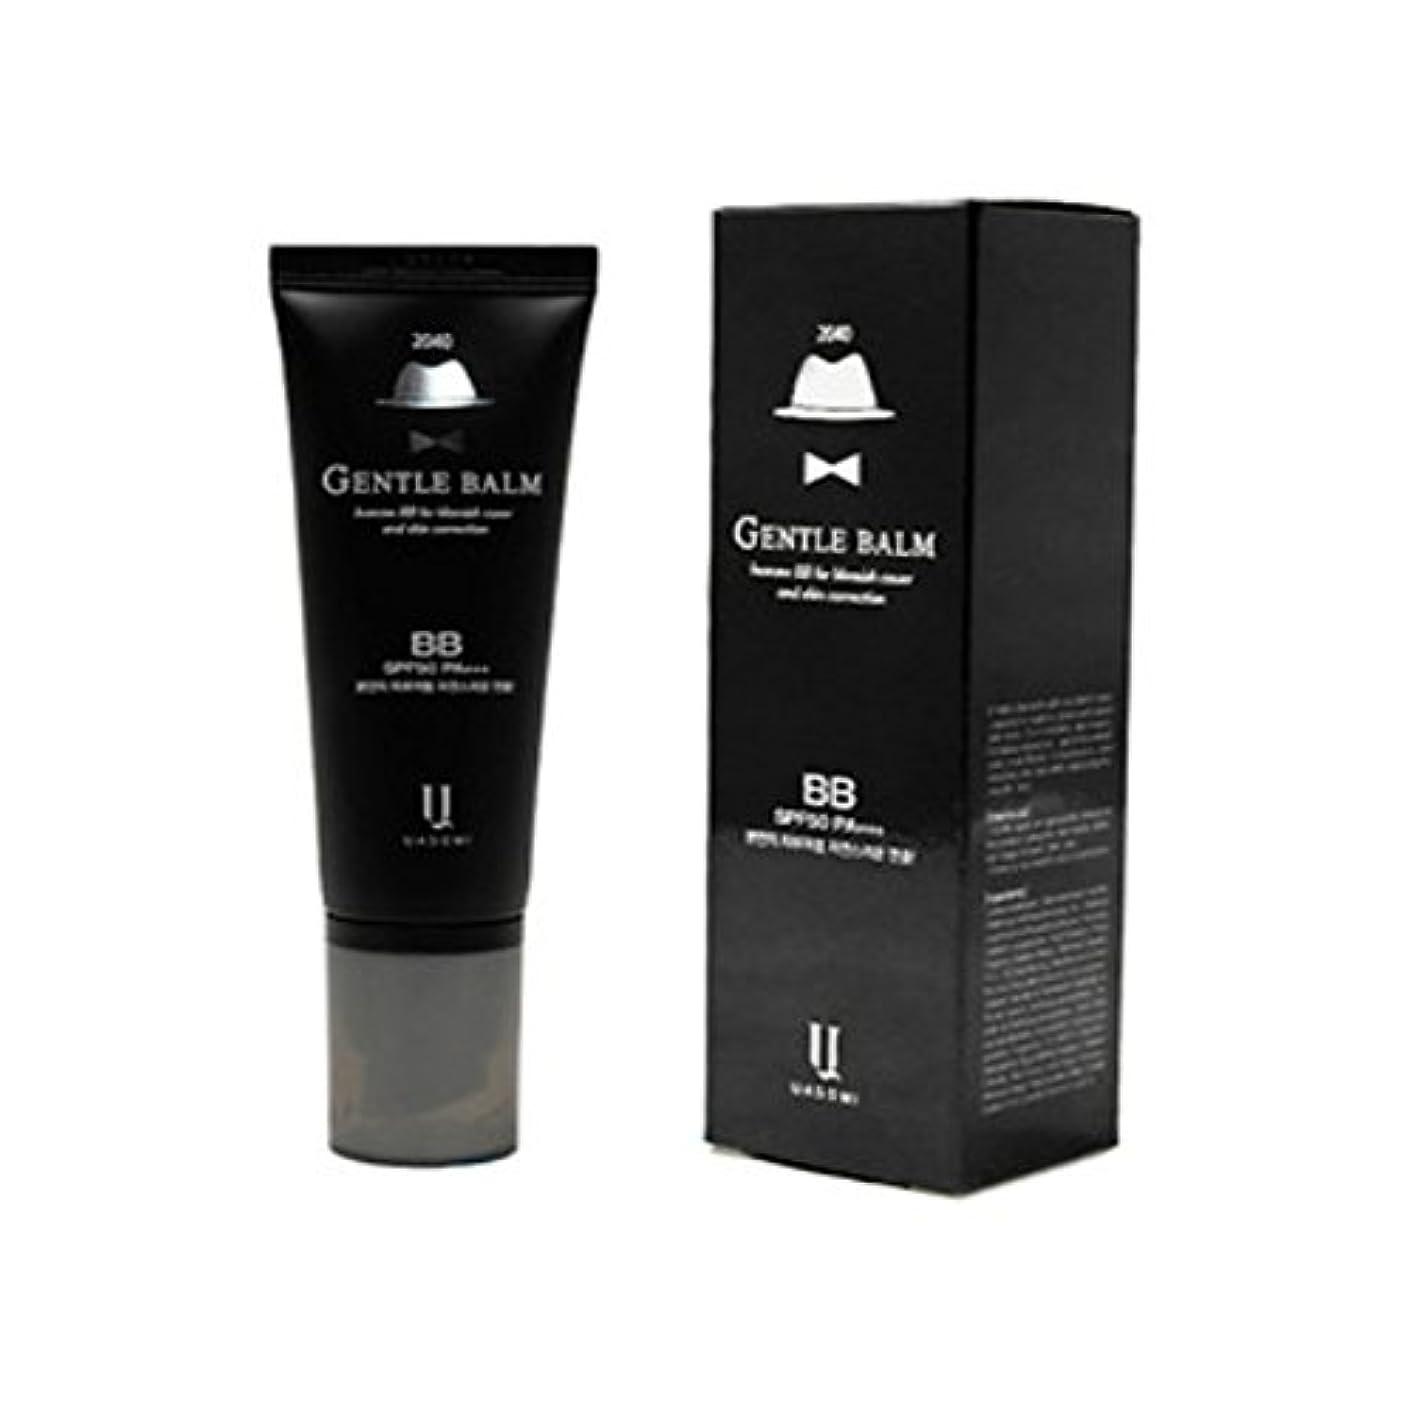 訪問アクセス十分(男 BB クリーム 韓国 日焼け止め) homme 2040 BB for blemish cover and skin correction korea beauty Gentle bam SFP50 PA+++ (...